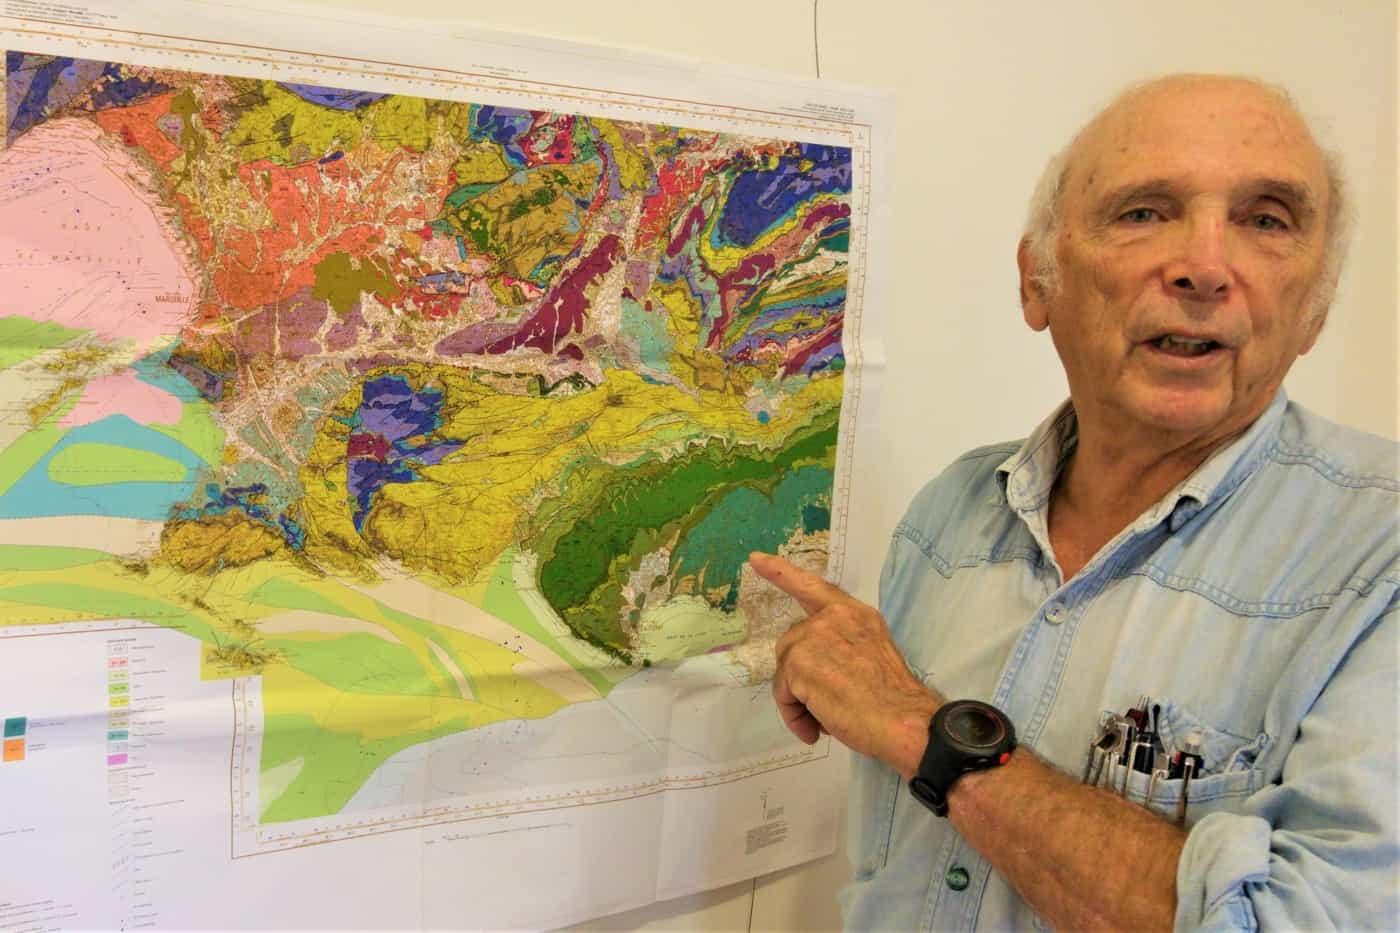 , Géologie, cartographie de l'habitat dangereux, des experts proposent des solutions